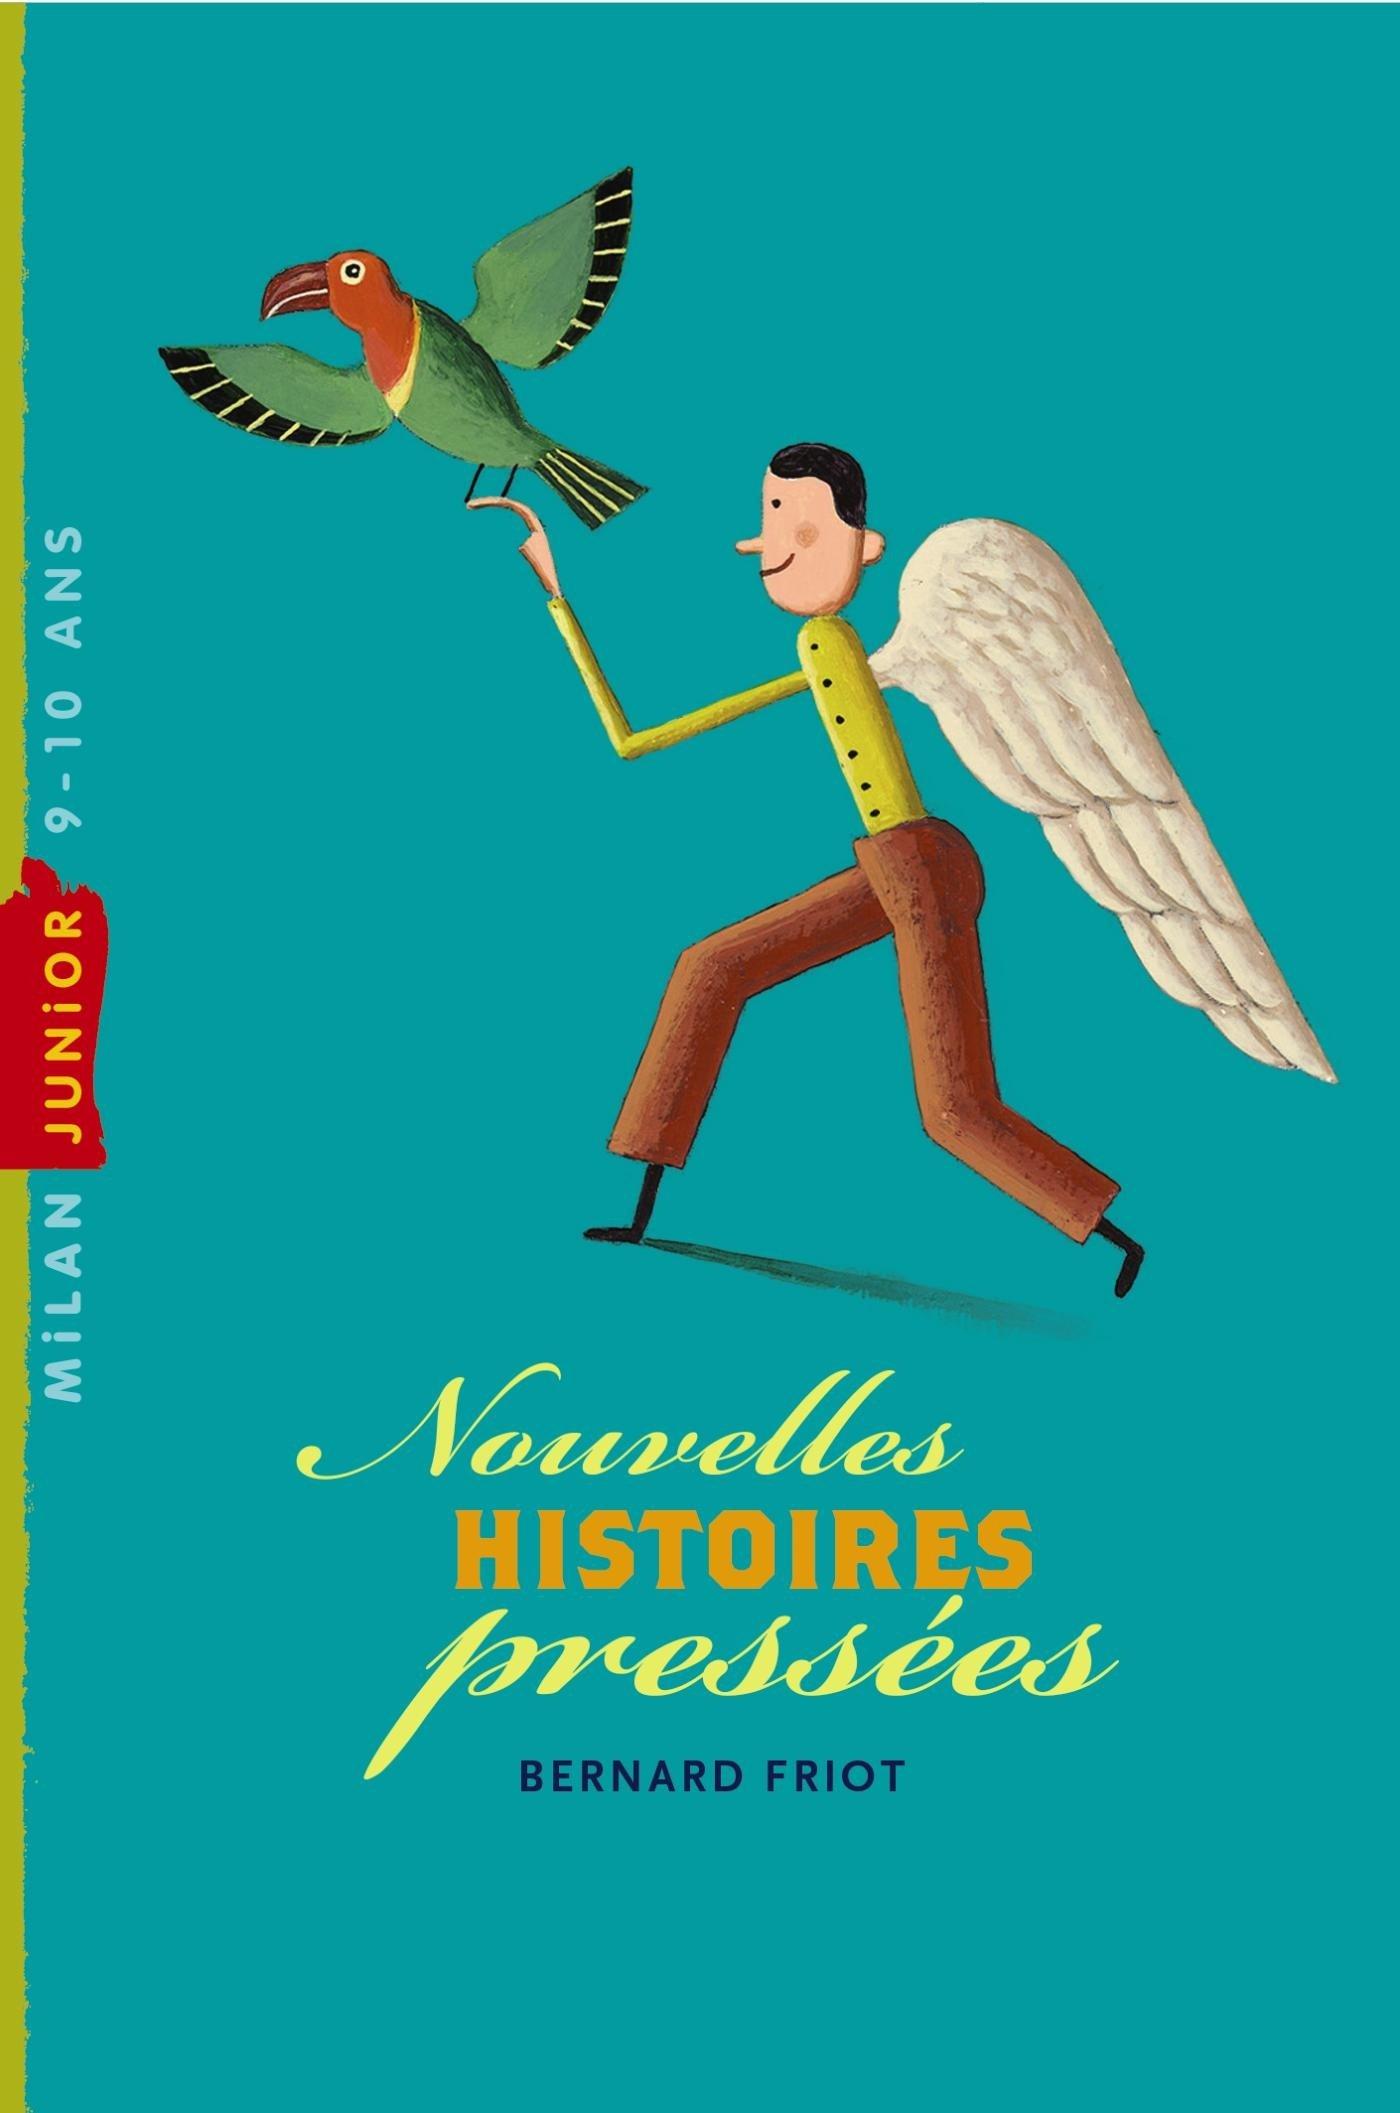 Read Online Nouvelles histoires pressees PDF